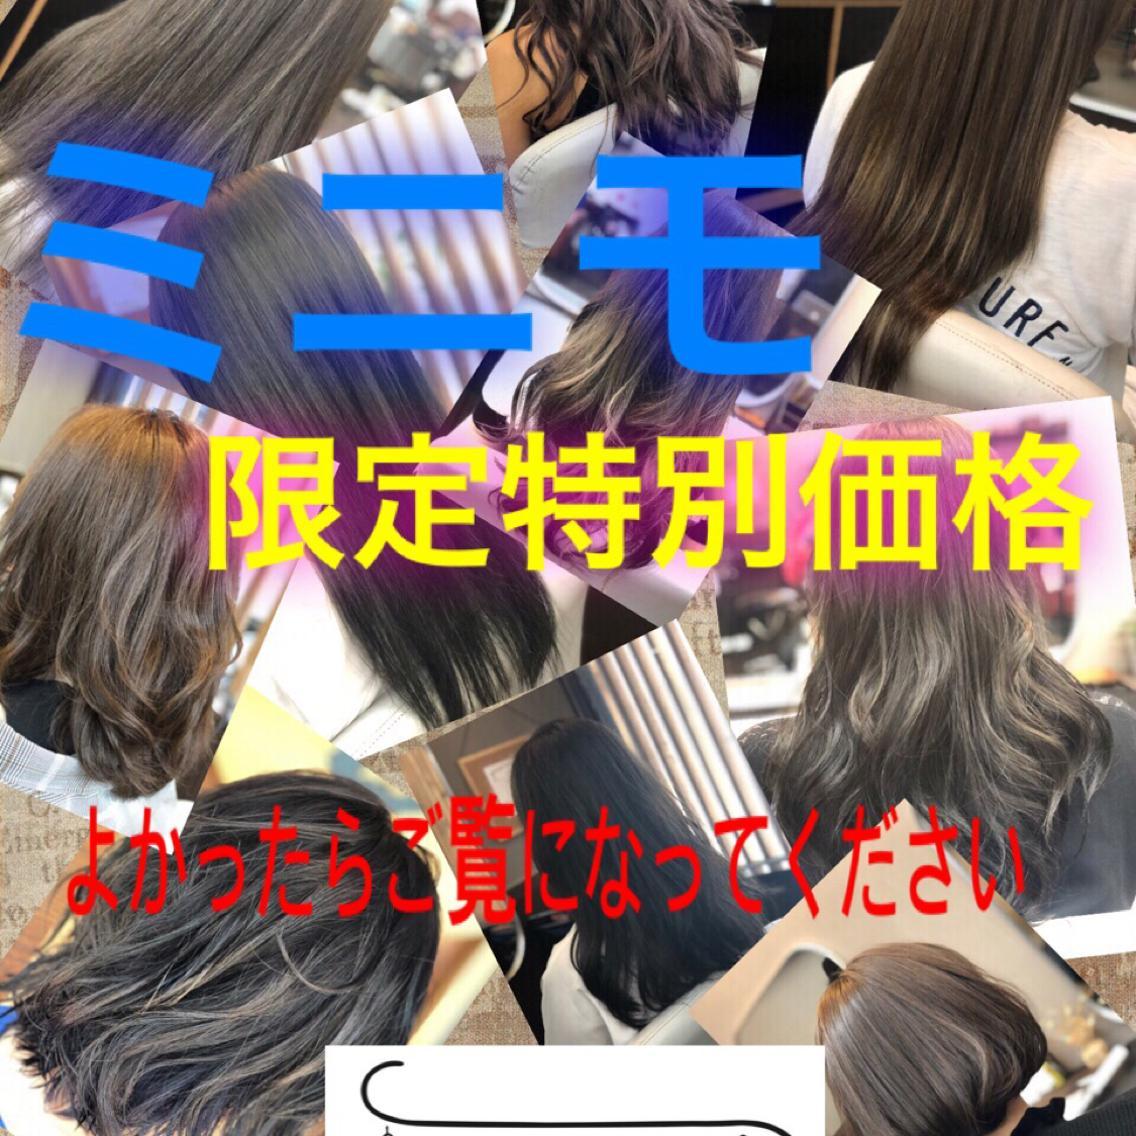 【ミニモ限定】秋に向け☆ヘアカラー☆はいかがですか?○ハイライト○や♡ナチュラルグラデーション♡などできれいになりましょう!♬